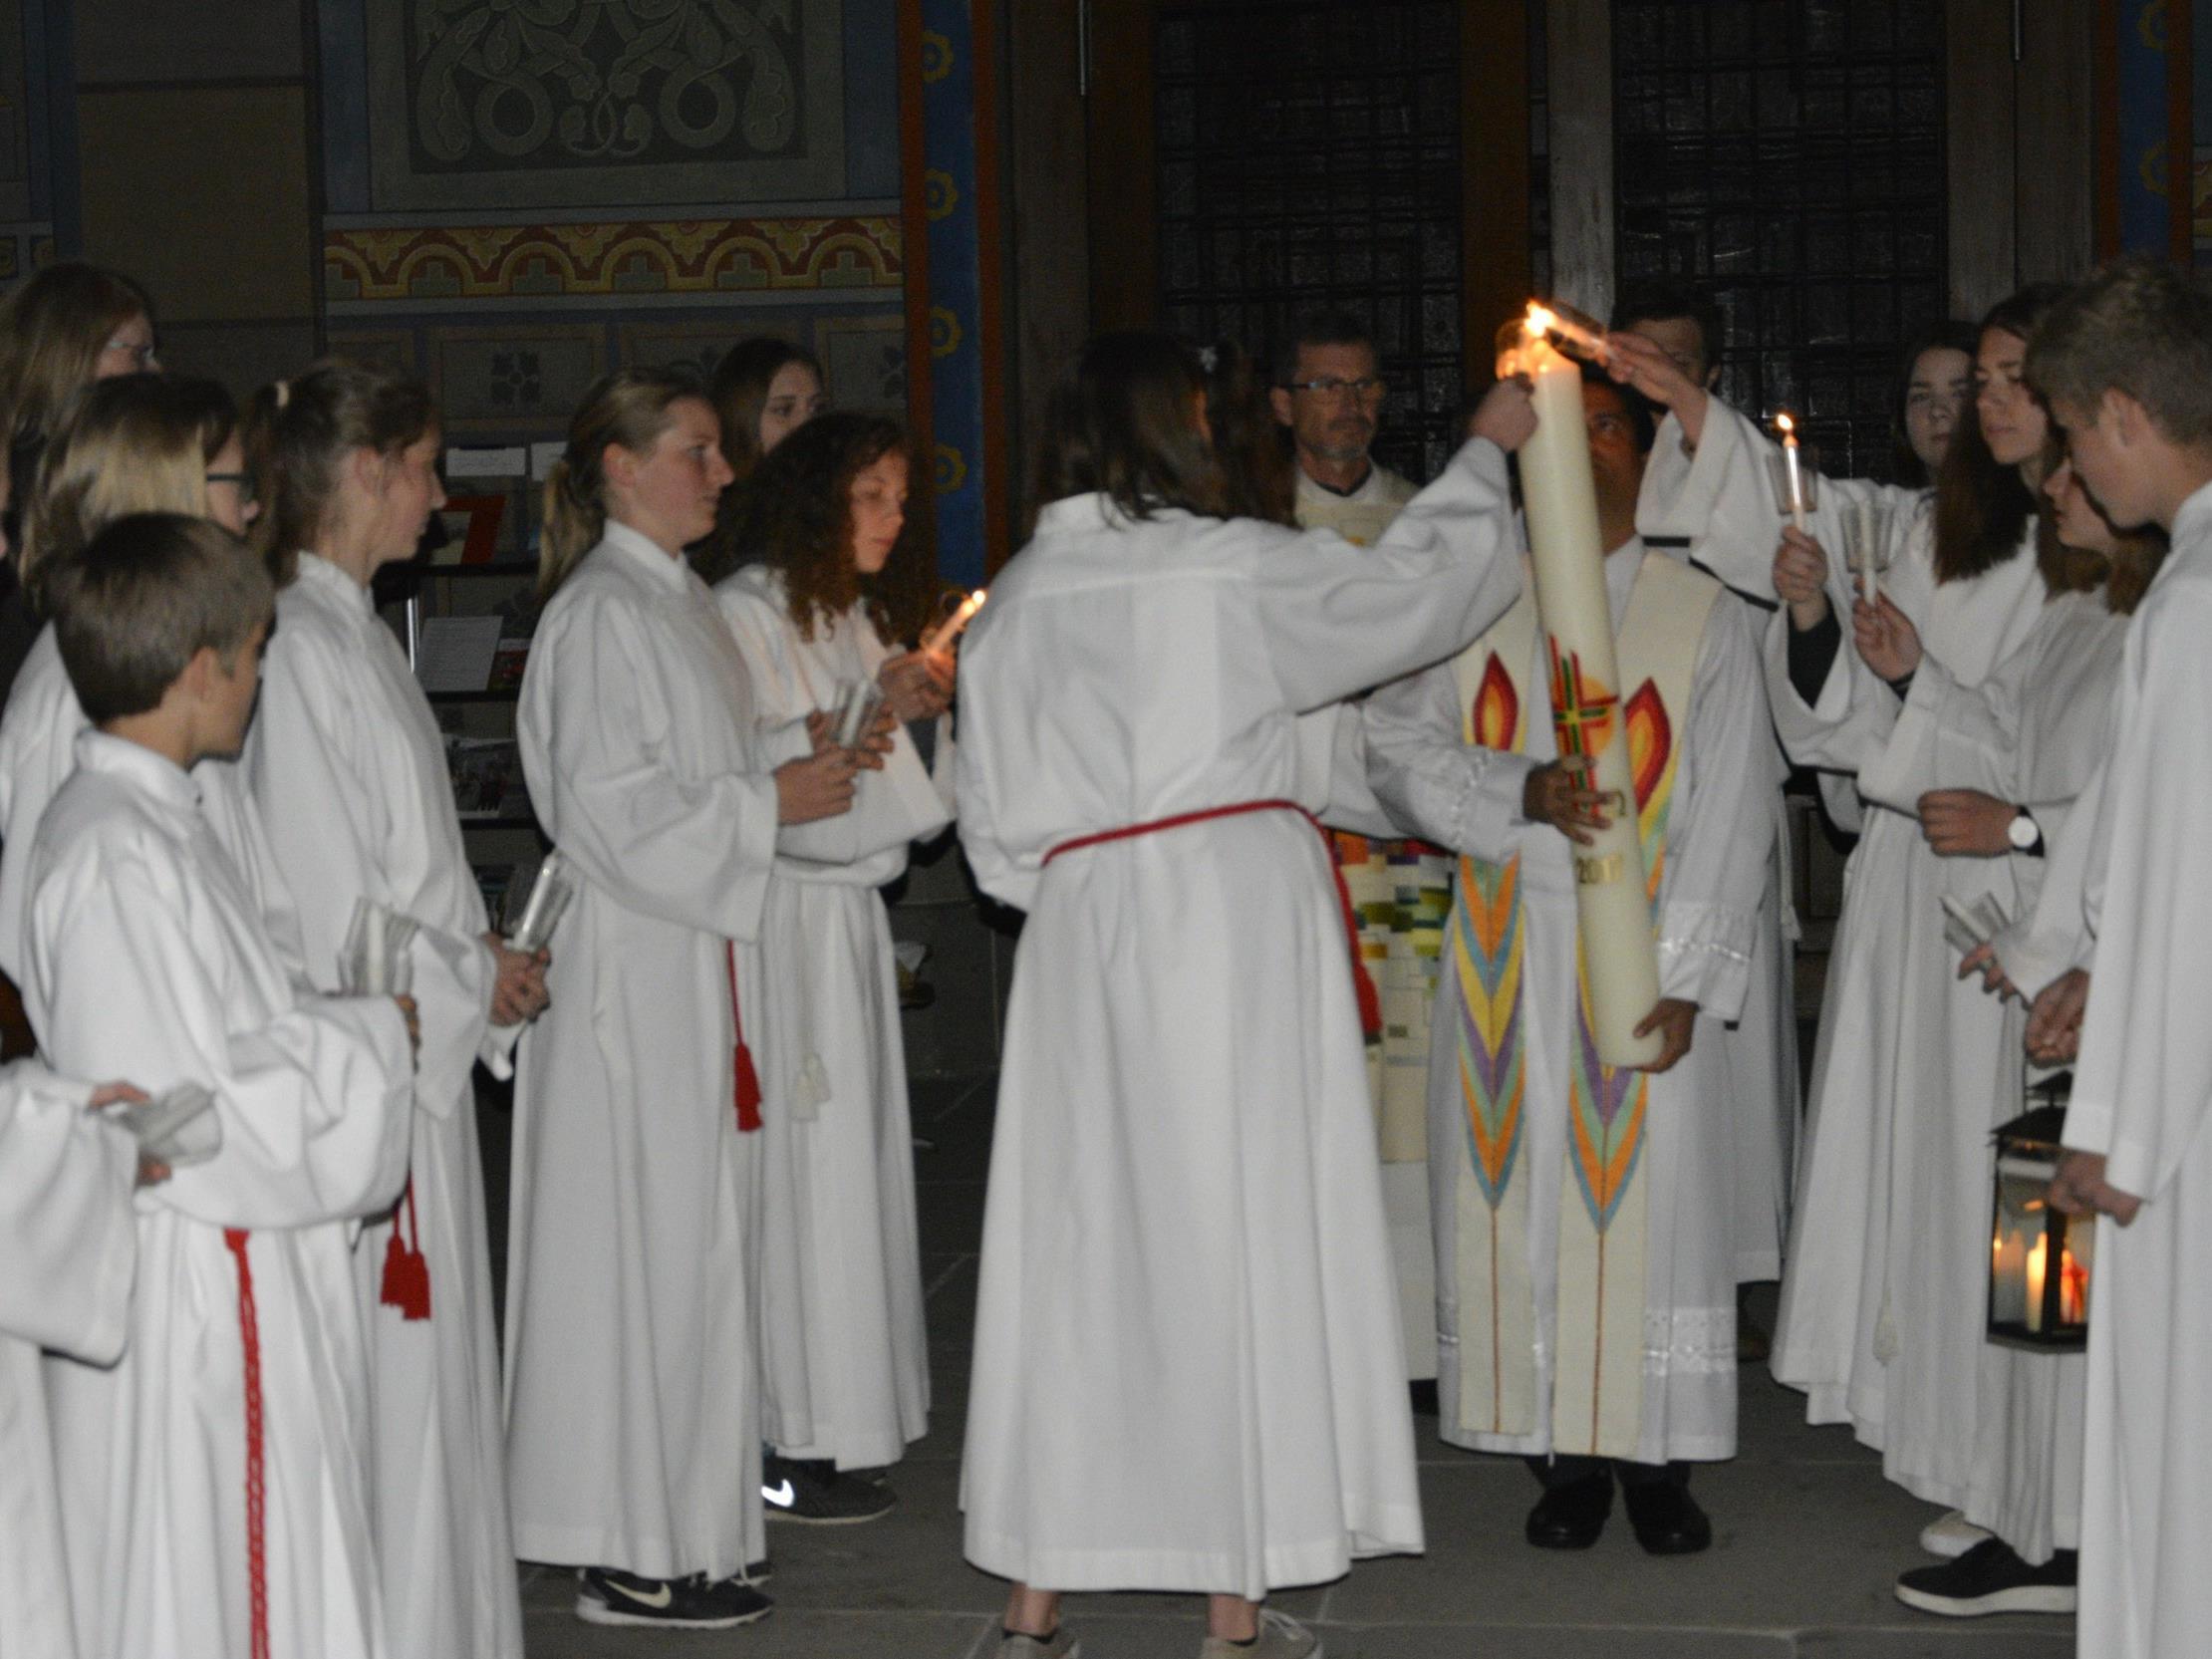 Die Osterkerze wird entzündet und anschließend in die Kirche getragen.